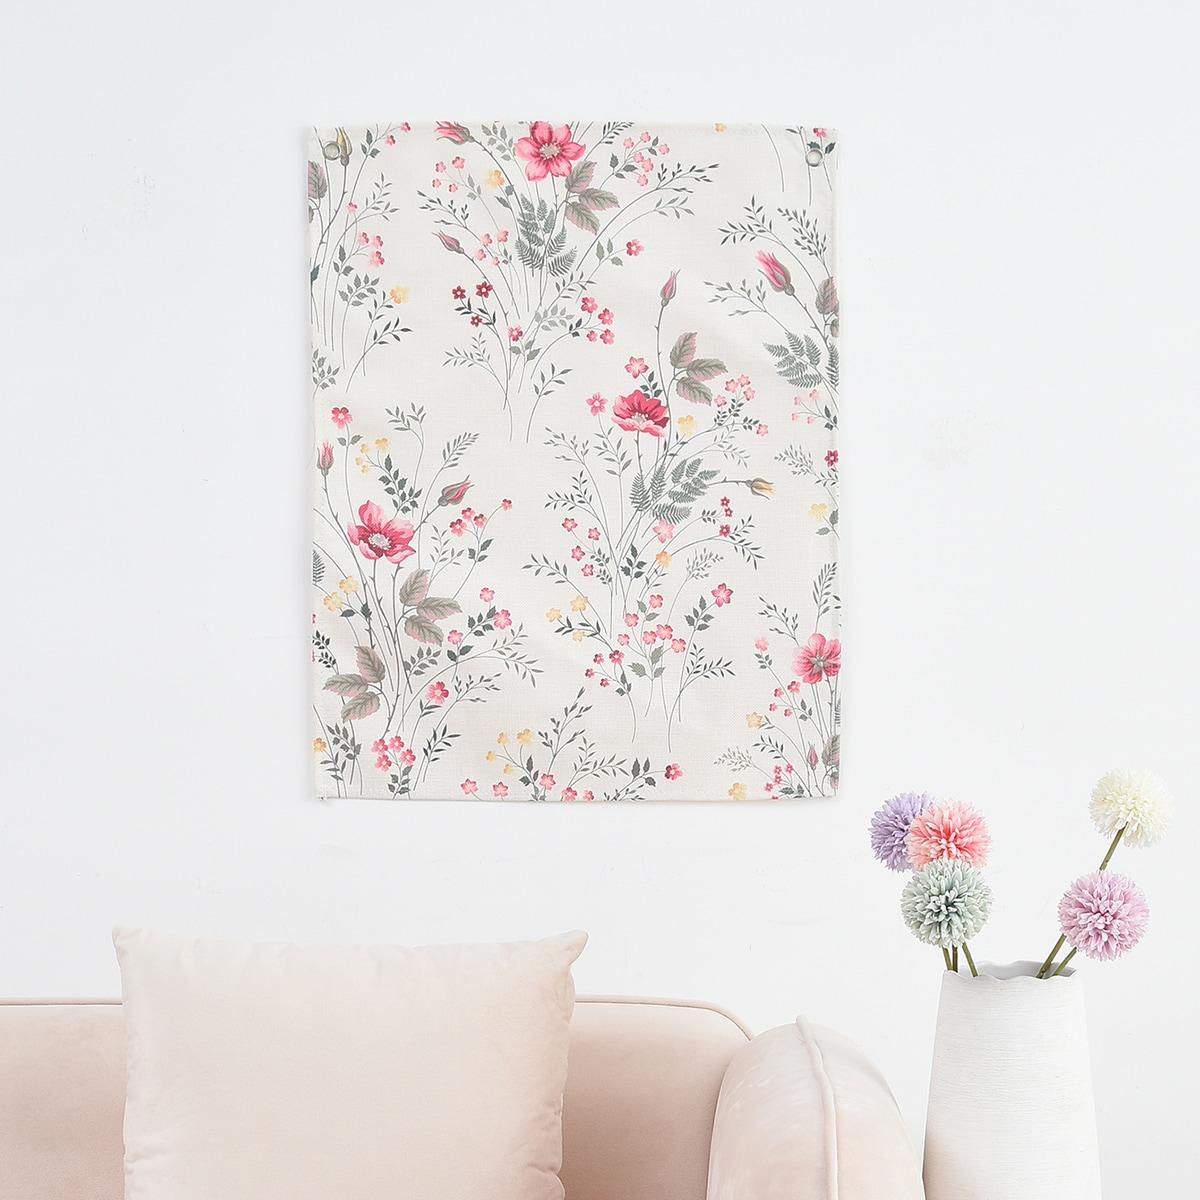 Настенная подвесная ткань с цветочным принтом фото